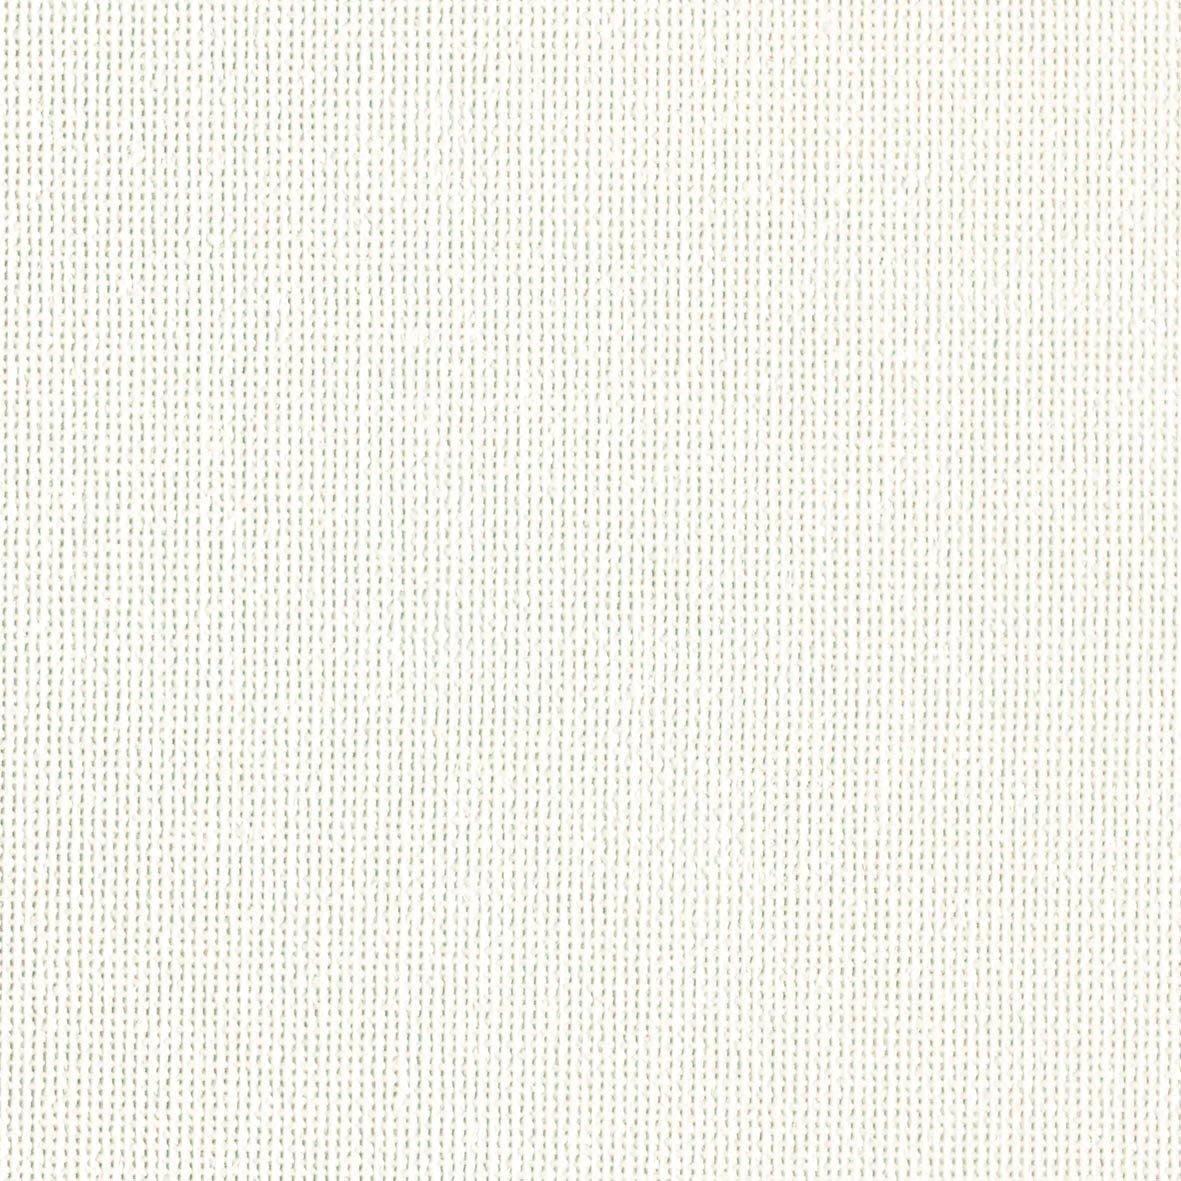 リリカラ 壁紙24m シンフル 織物調 ベージュ 撥水トップコートComfort Selection-Basic & Color- LW-2257 B07613MWS8 24m|ベージュ2